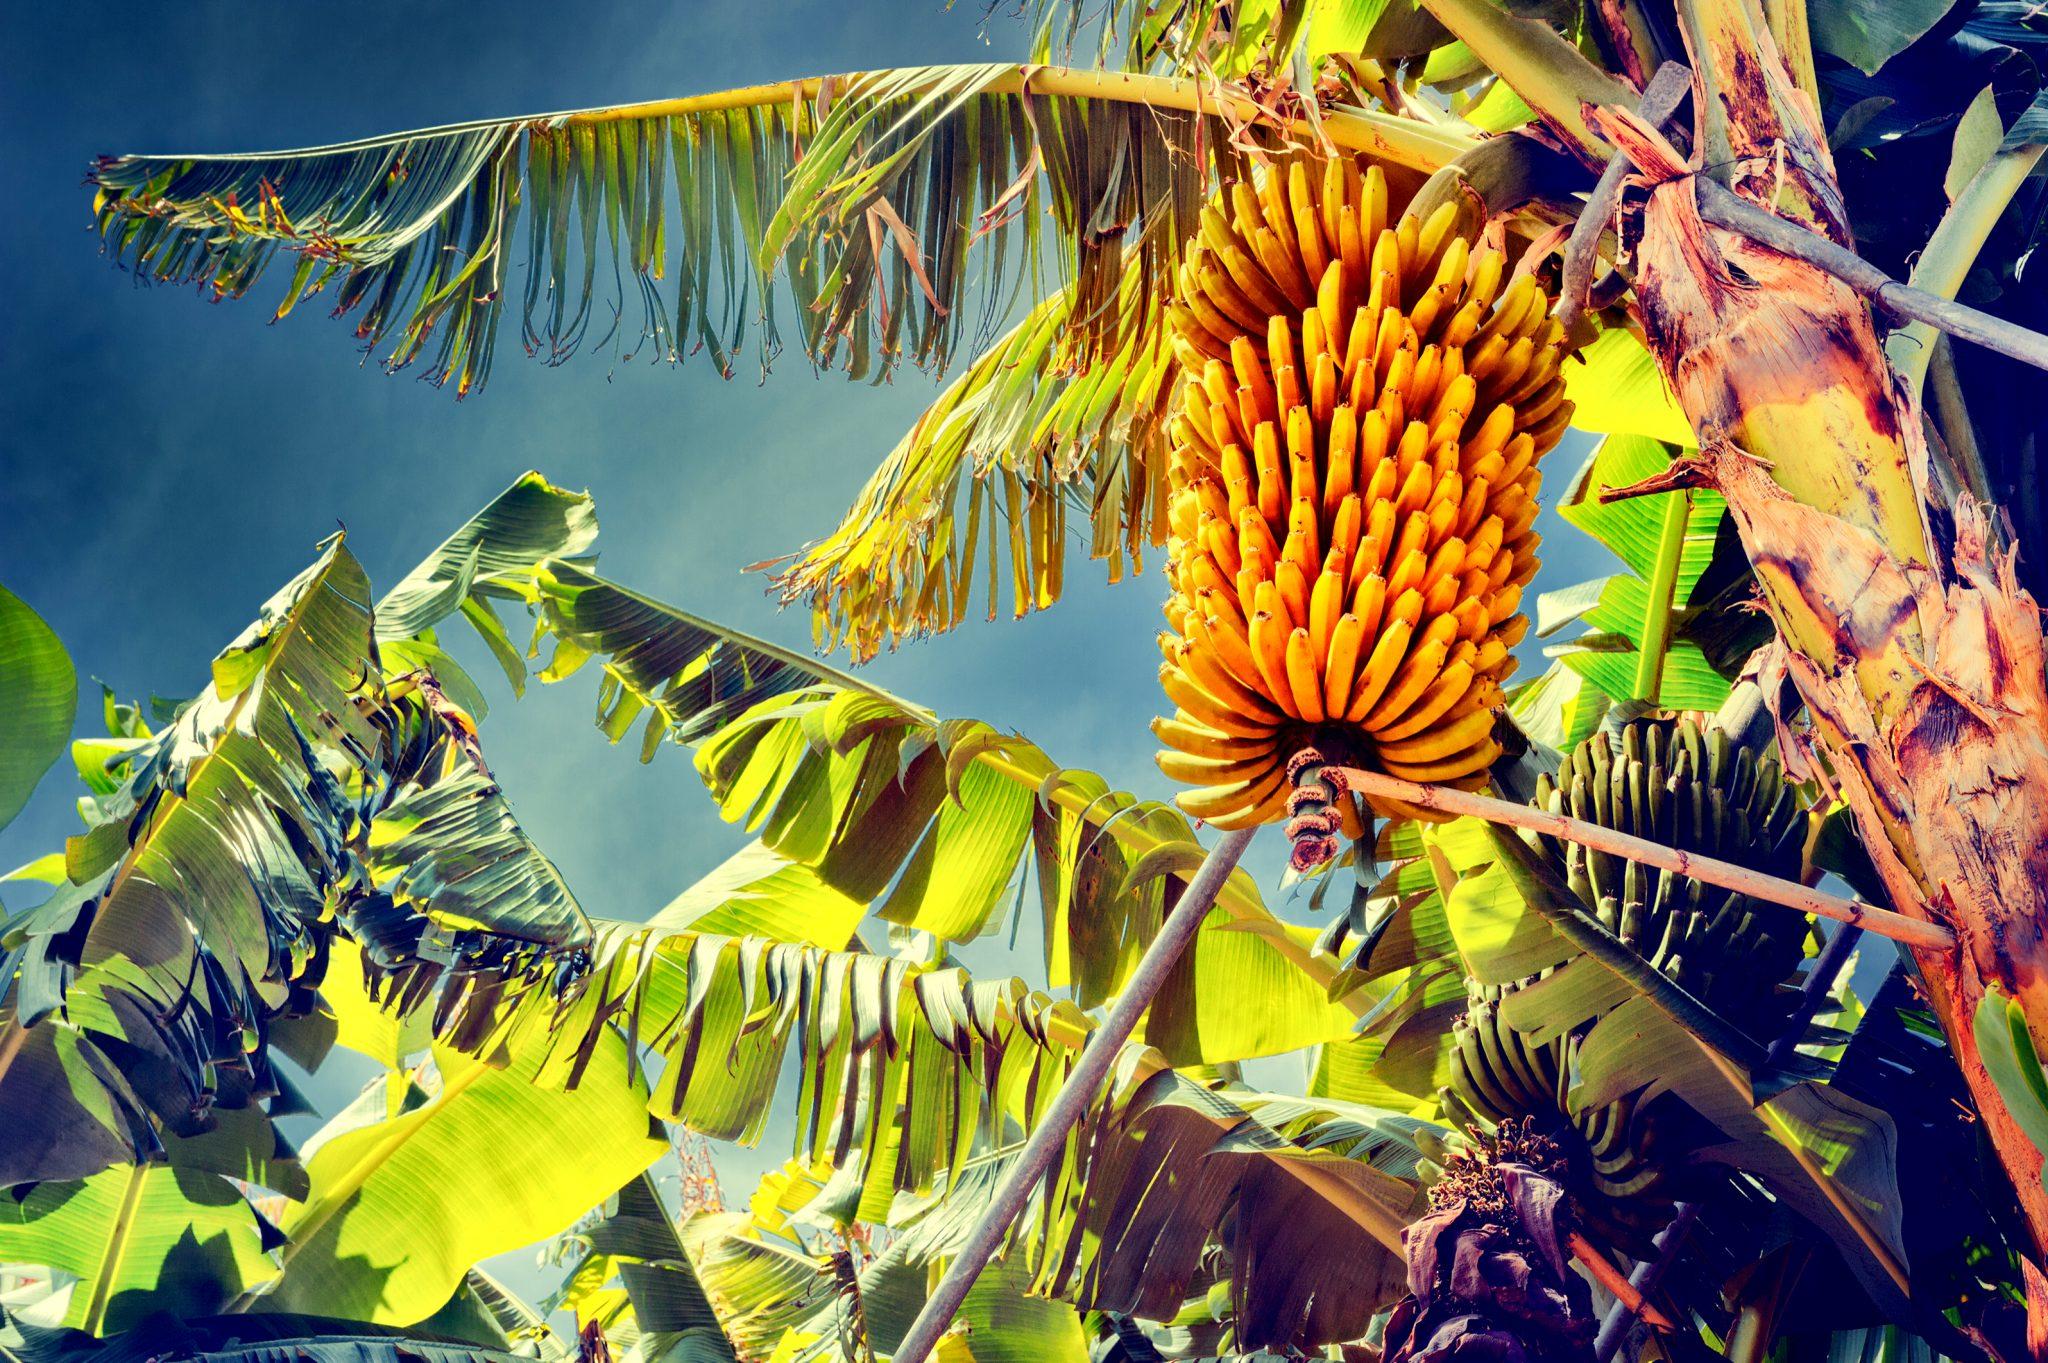 まだ収穫されていないバナナ